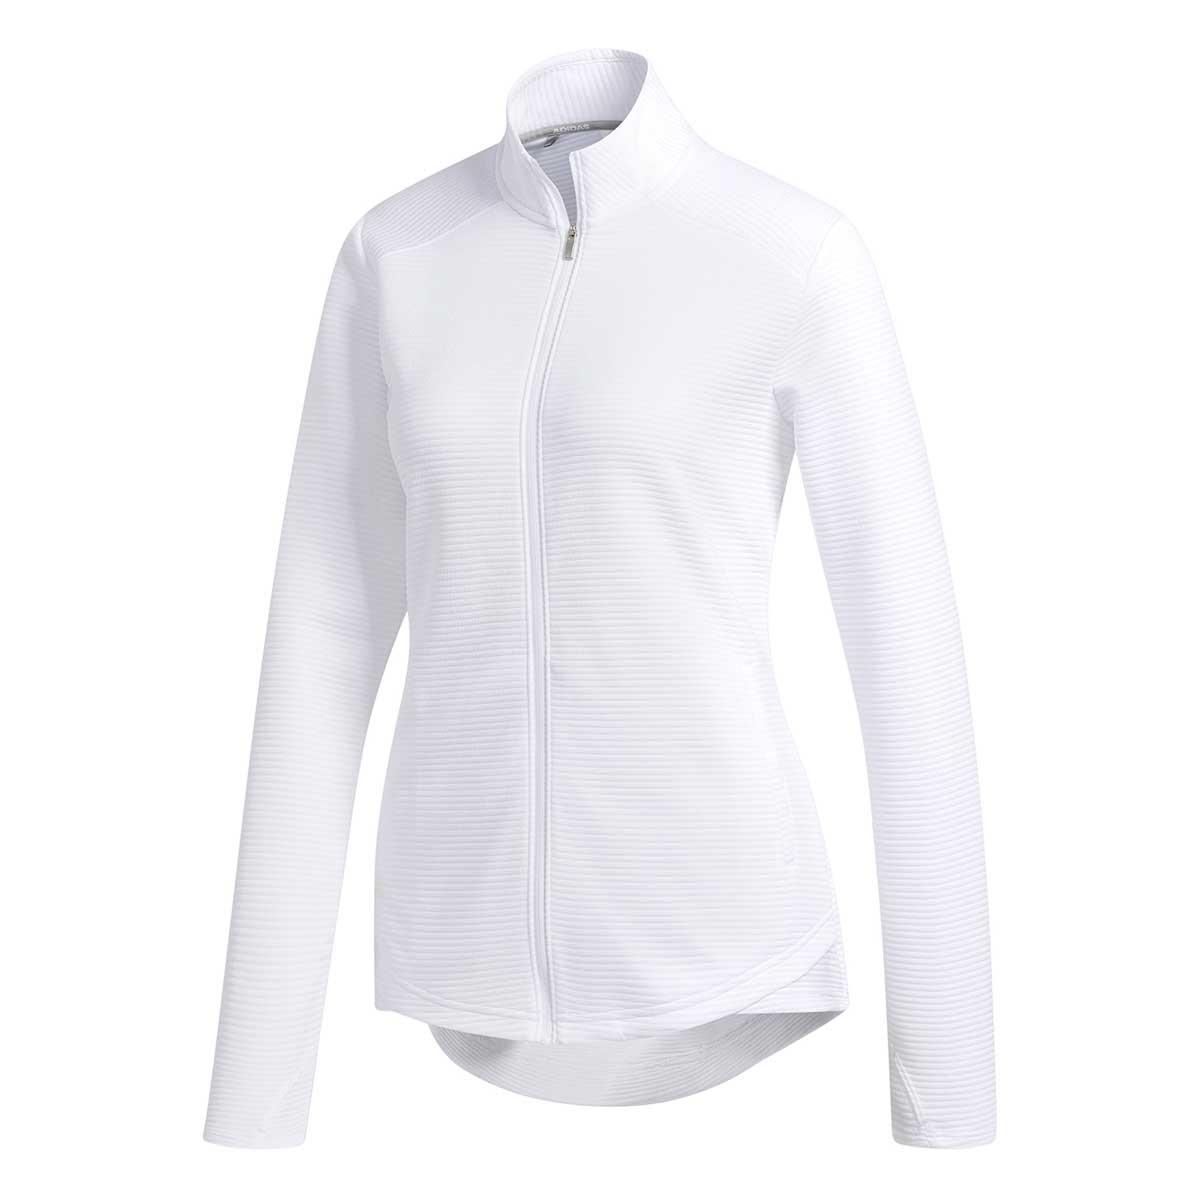 Adidas Women's Essentials Full Zip White Jacket